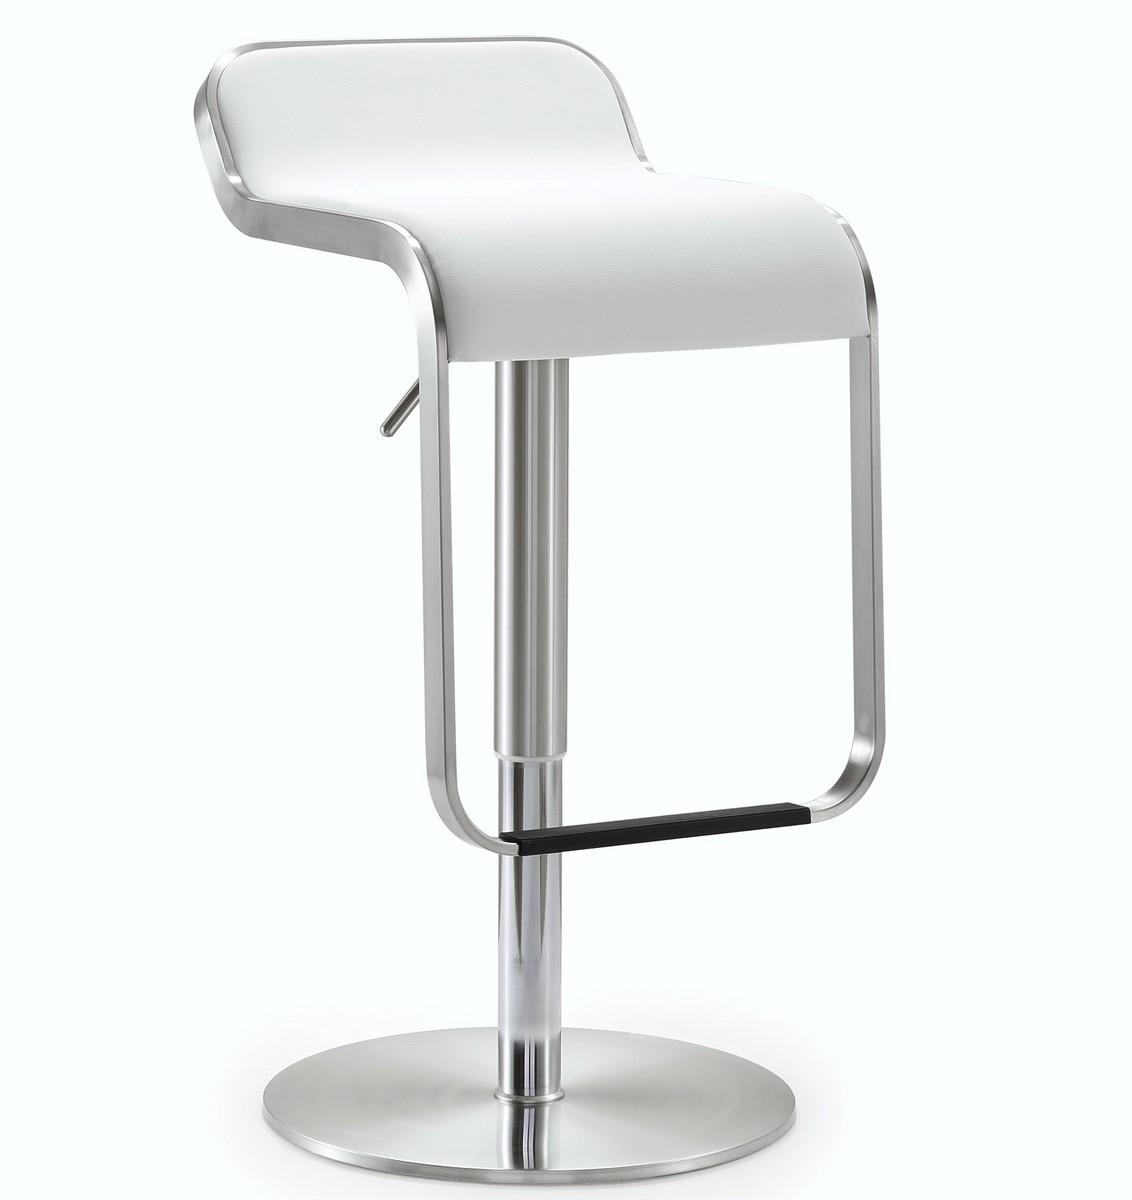 TOV Furniture Napoli White Stainless Steel Adjustable Barstool